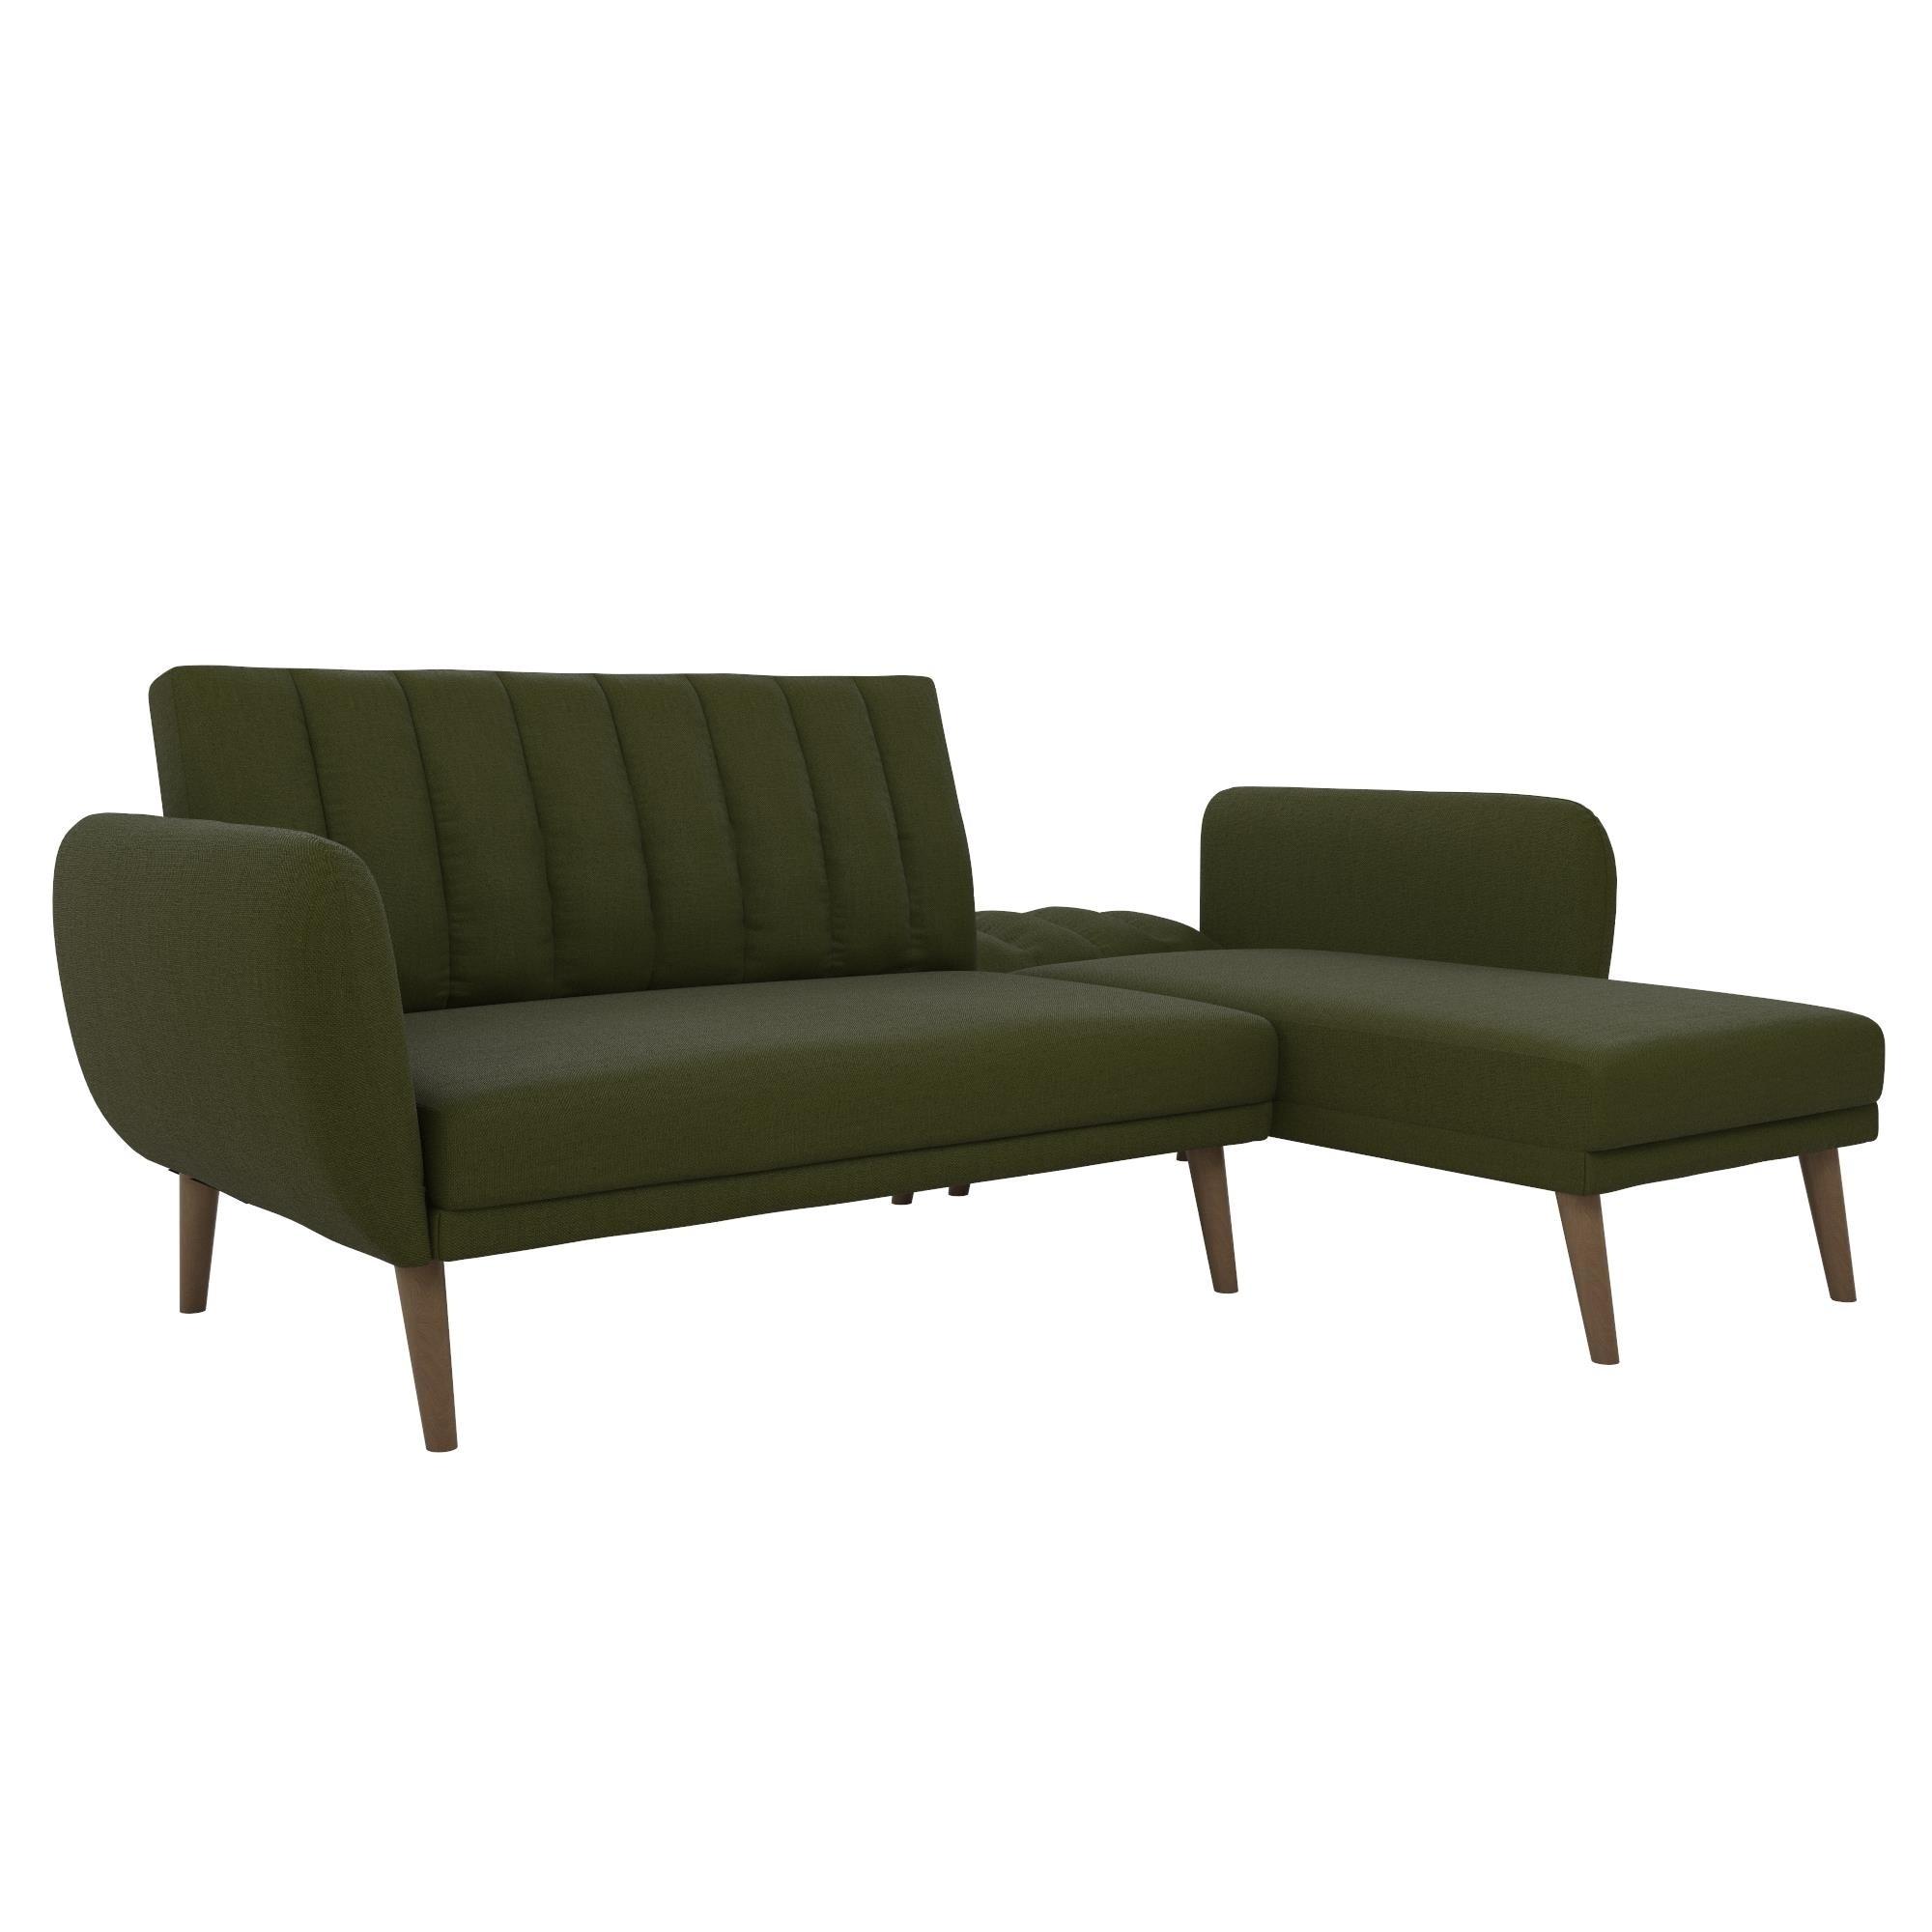 Novogratz Brittany Sectional Futon Sofa Free Shipping Today Com 24336802